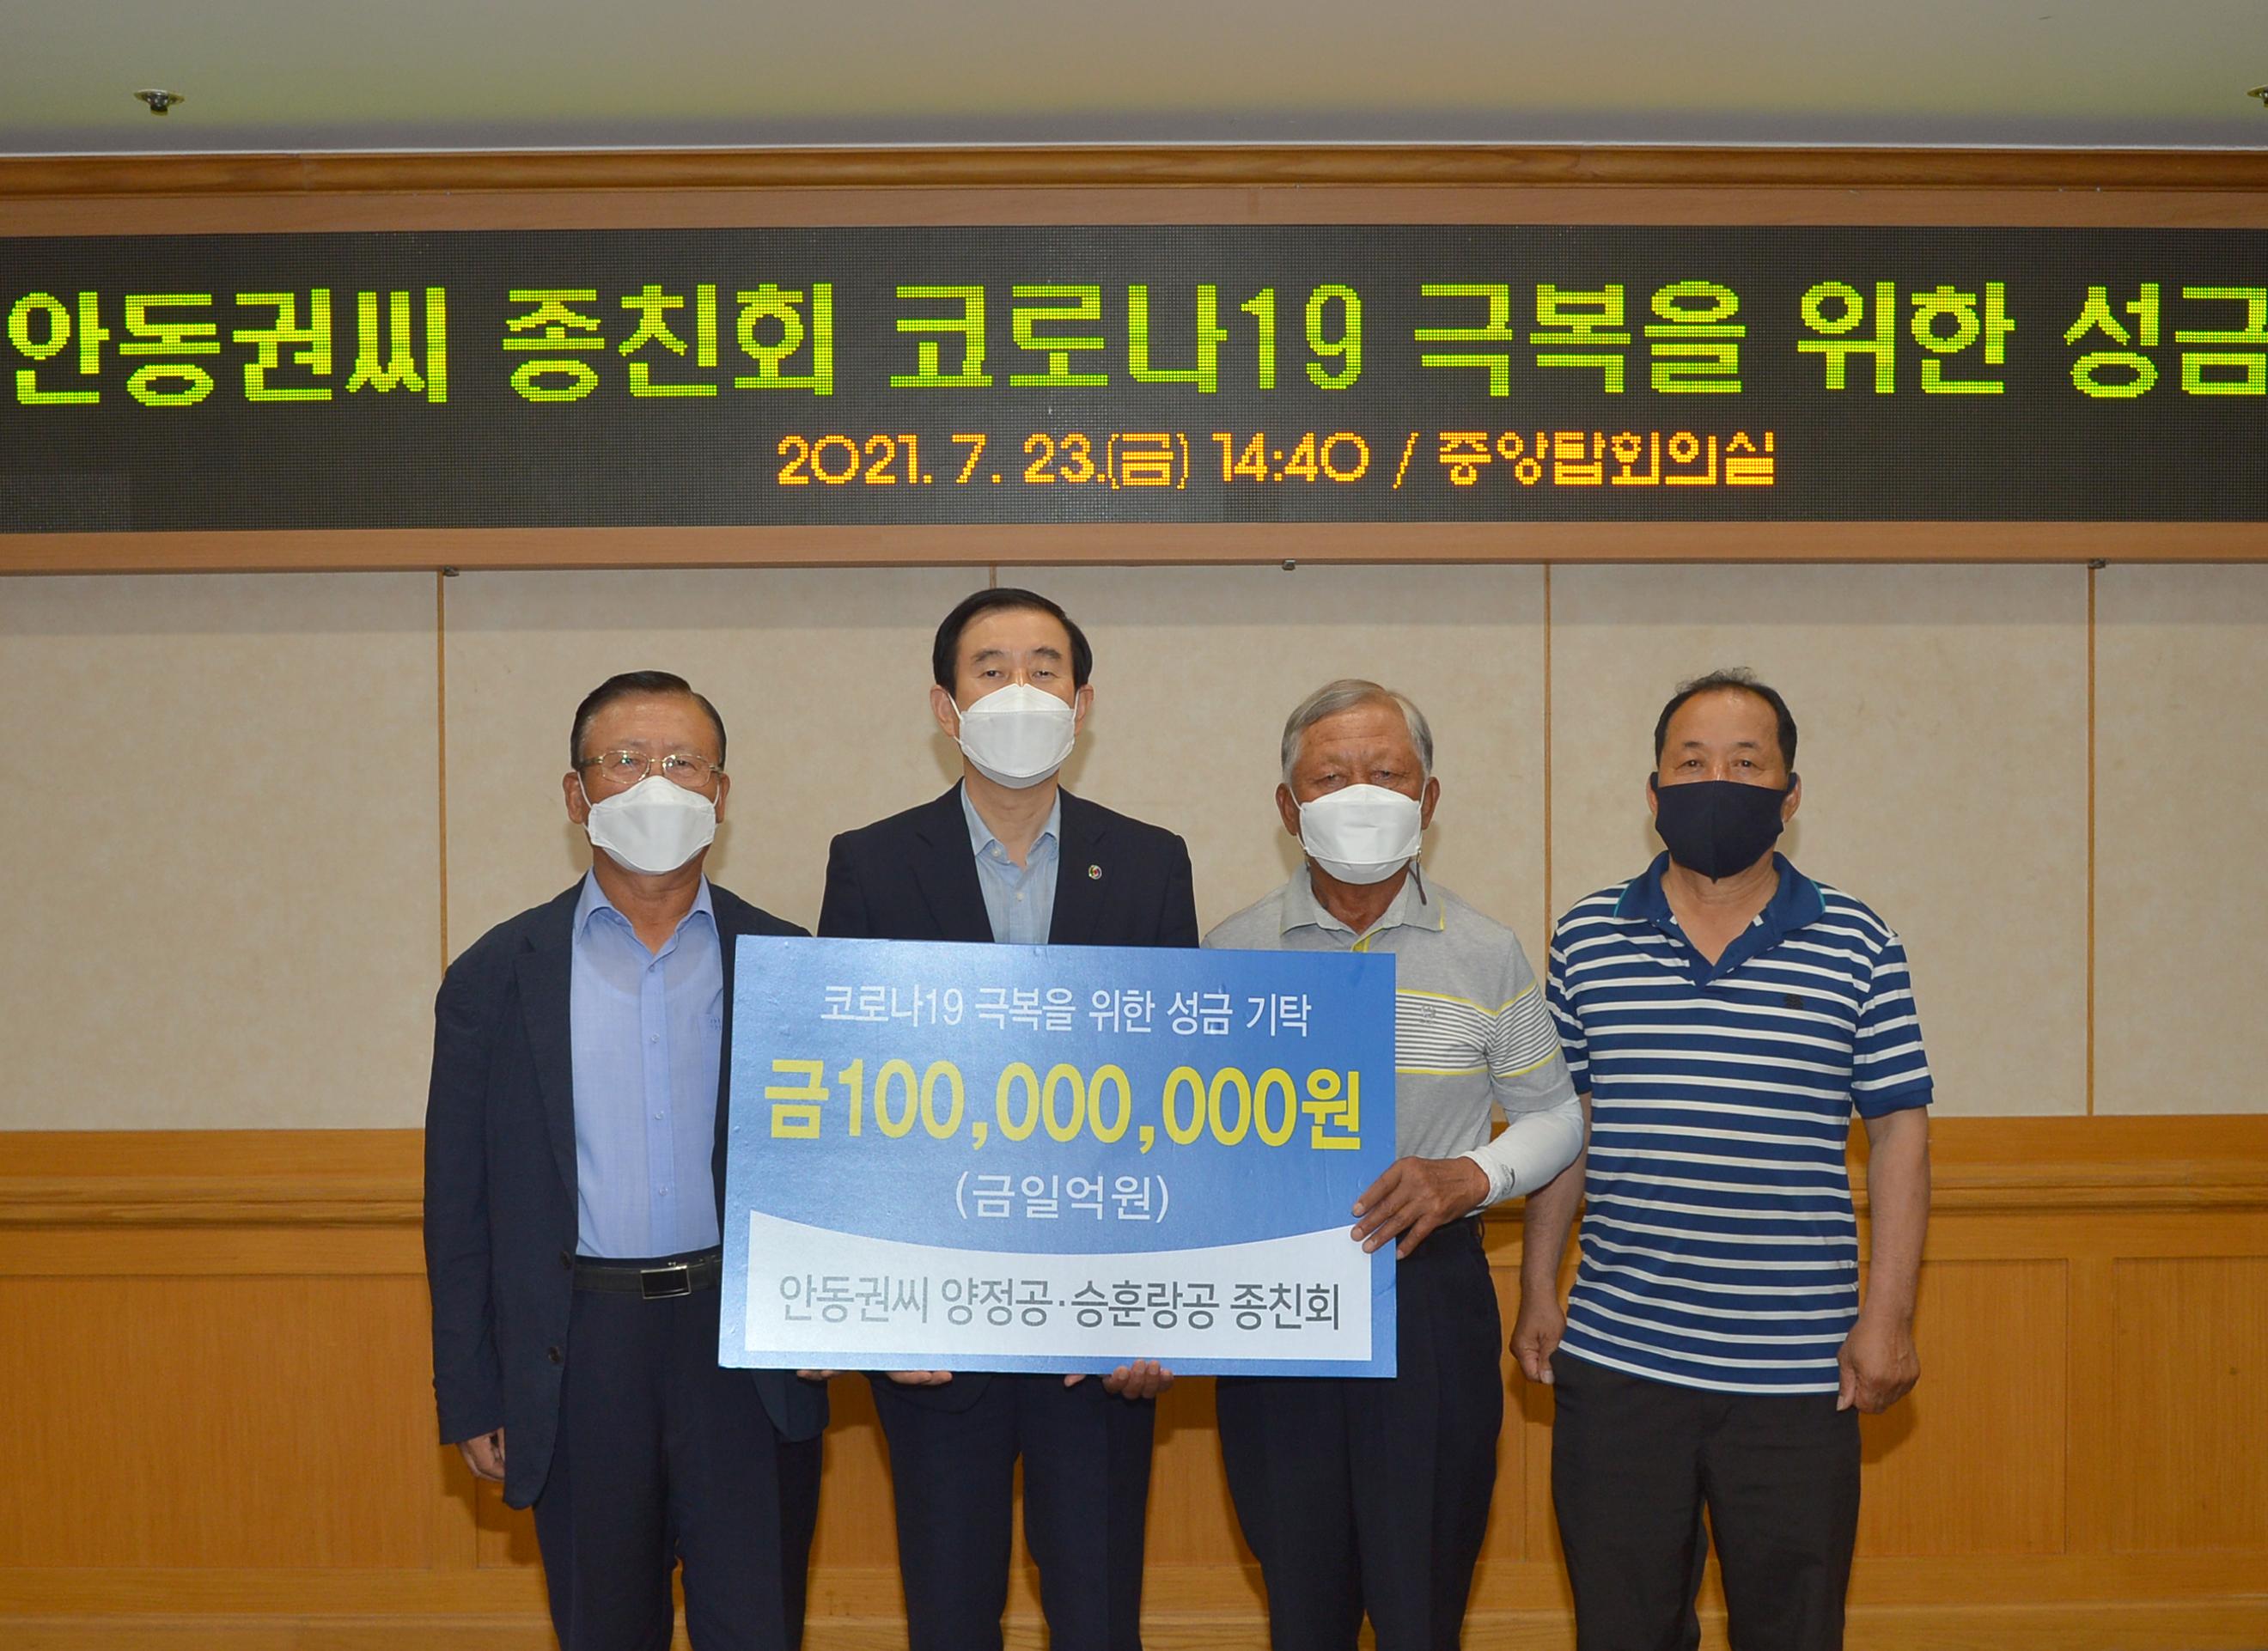 안동권씨 양정공·승훈랑공 종친회, 1억 원 '통 큰 기부'